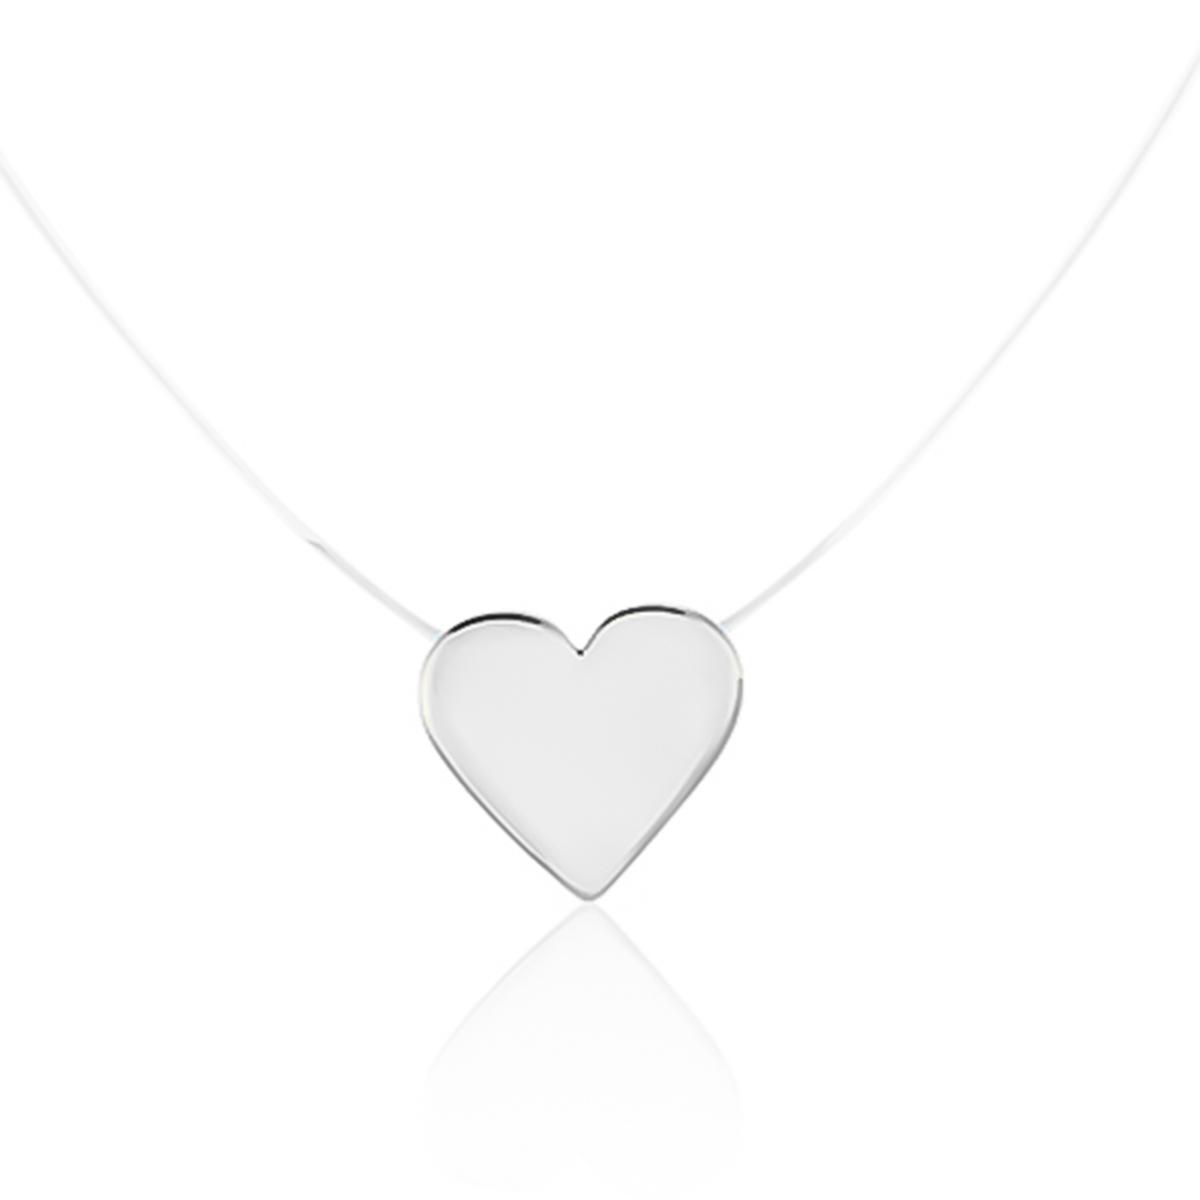 Colar De Coração De Nylon Folheado Em Ródio Branco